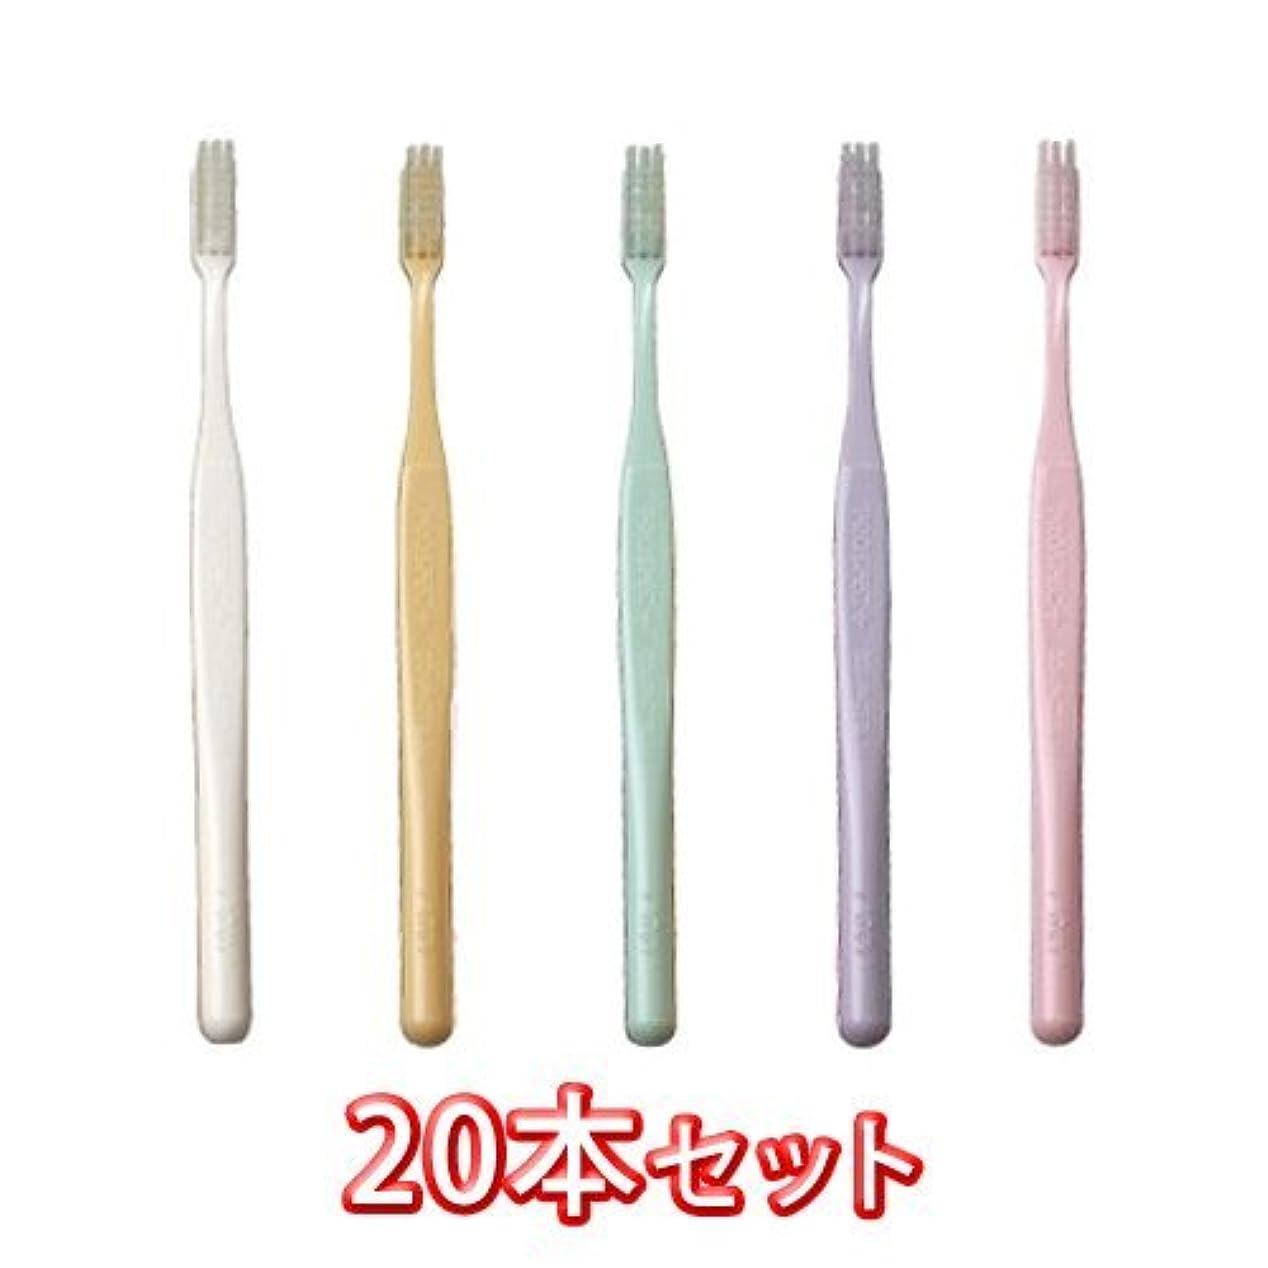 プロスペック 歯ブラシ プラス コンパクトスリム 20本入 ふつう色 S やわらかめ